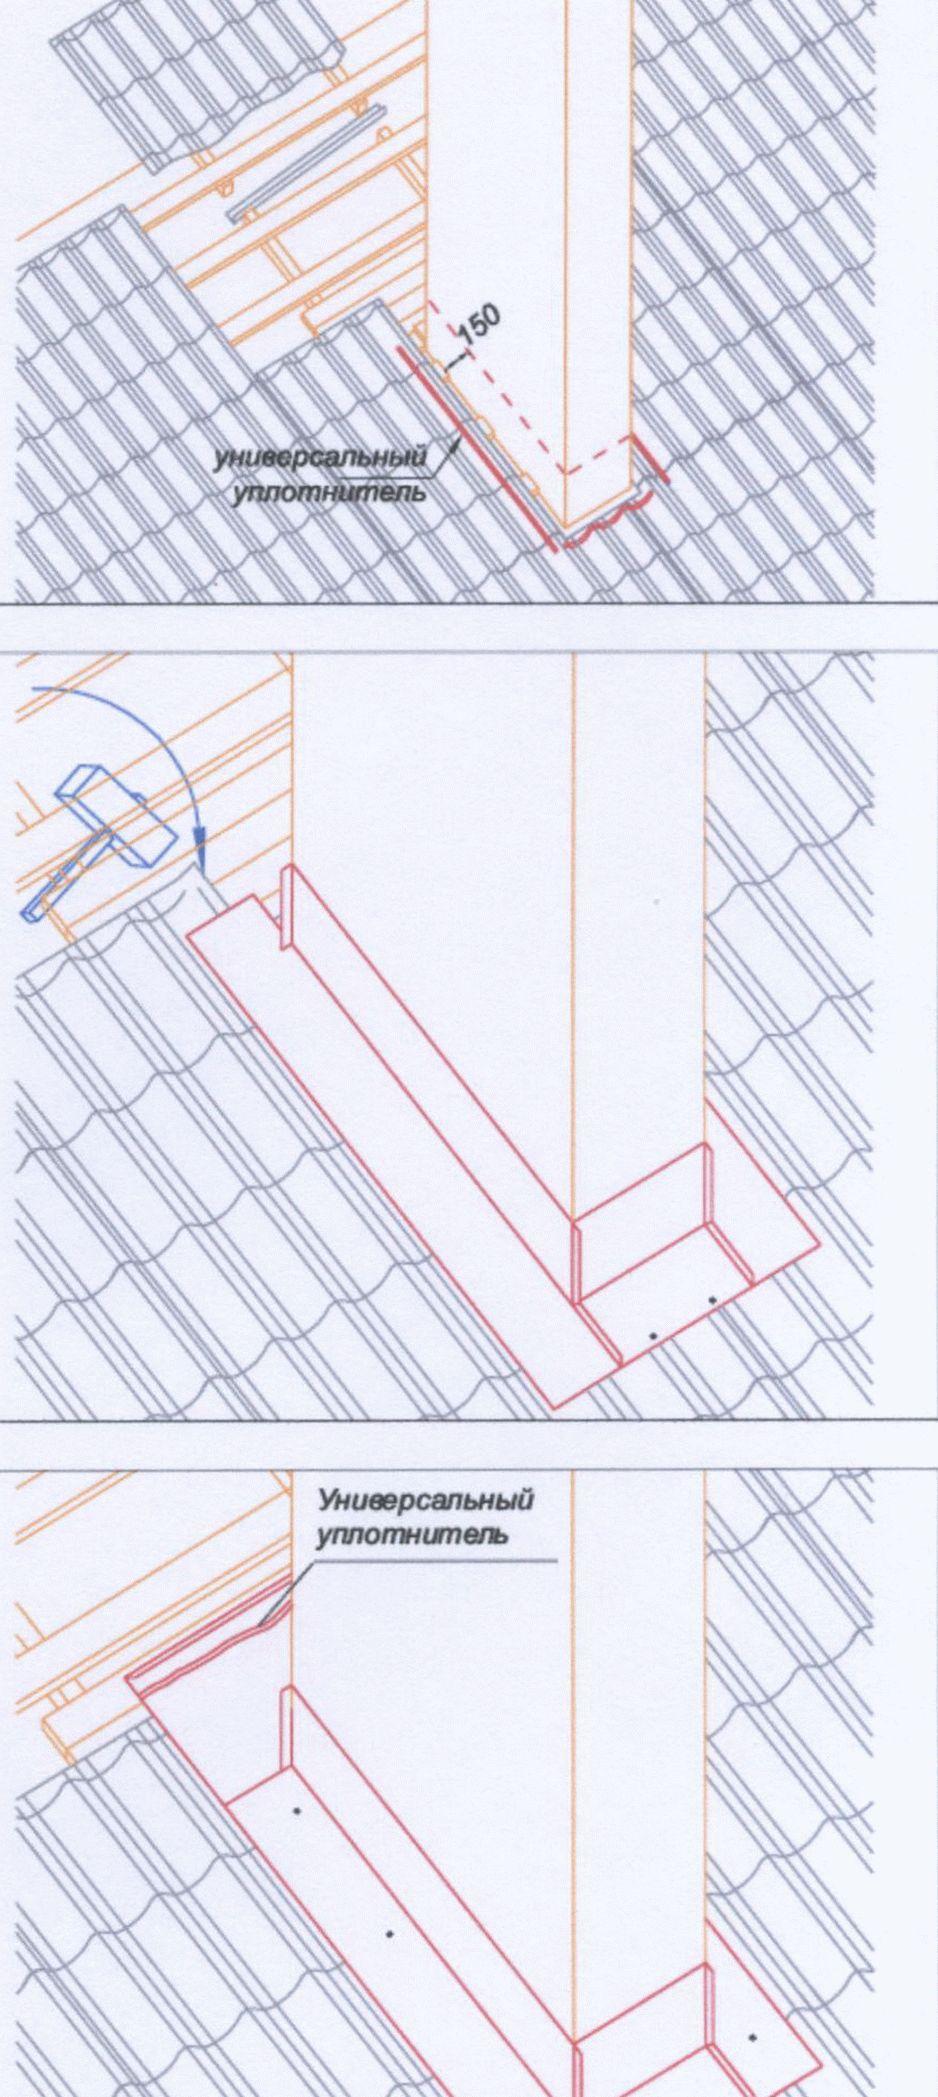 Устройство примыкания металлочерепицы к трубе. обход трубы металлочерепицей